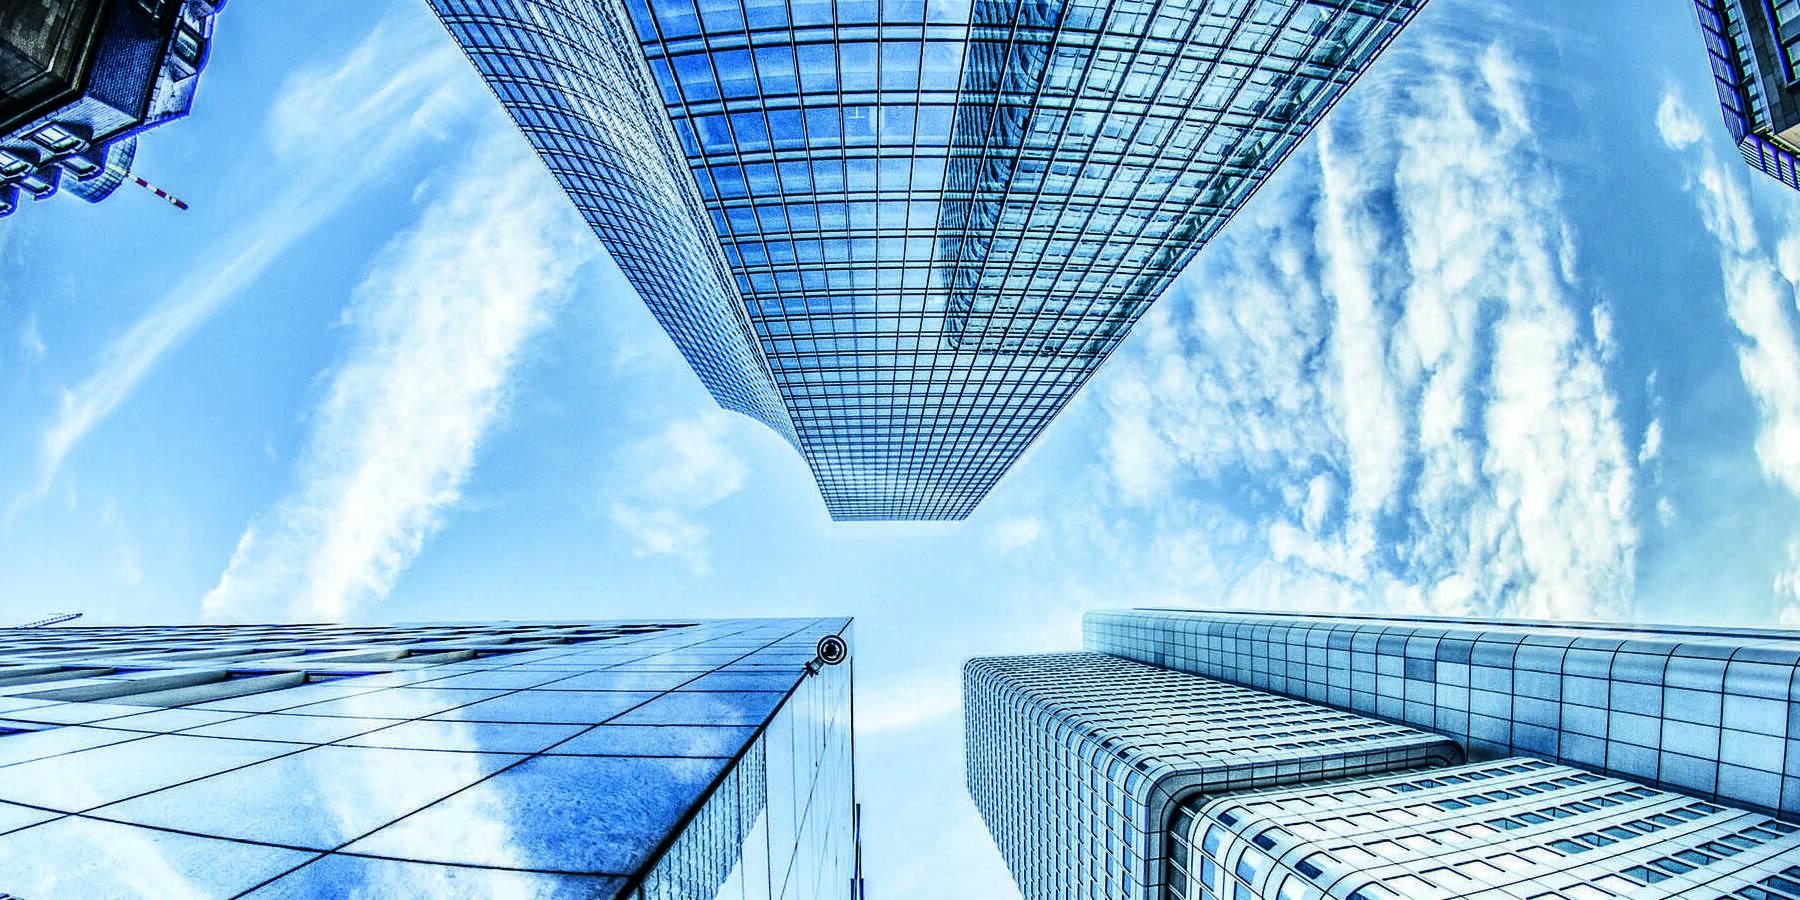 Neuer Dax 40 - Umbau - Bild von Wolkenkratzern die in den Himmel ragen